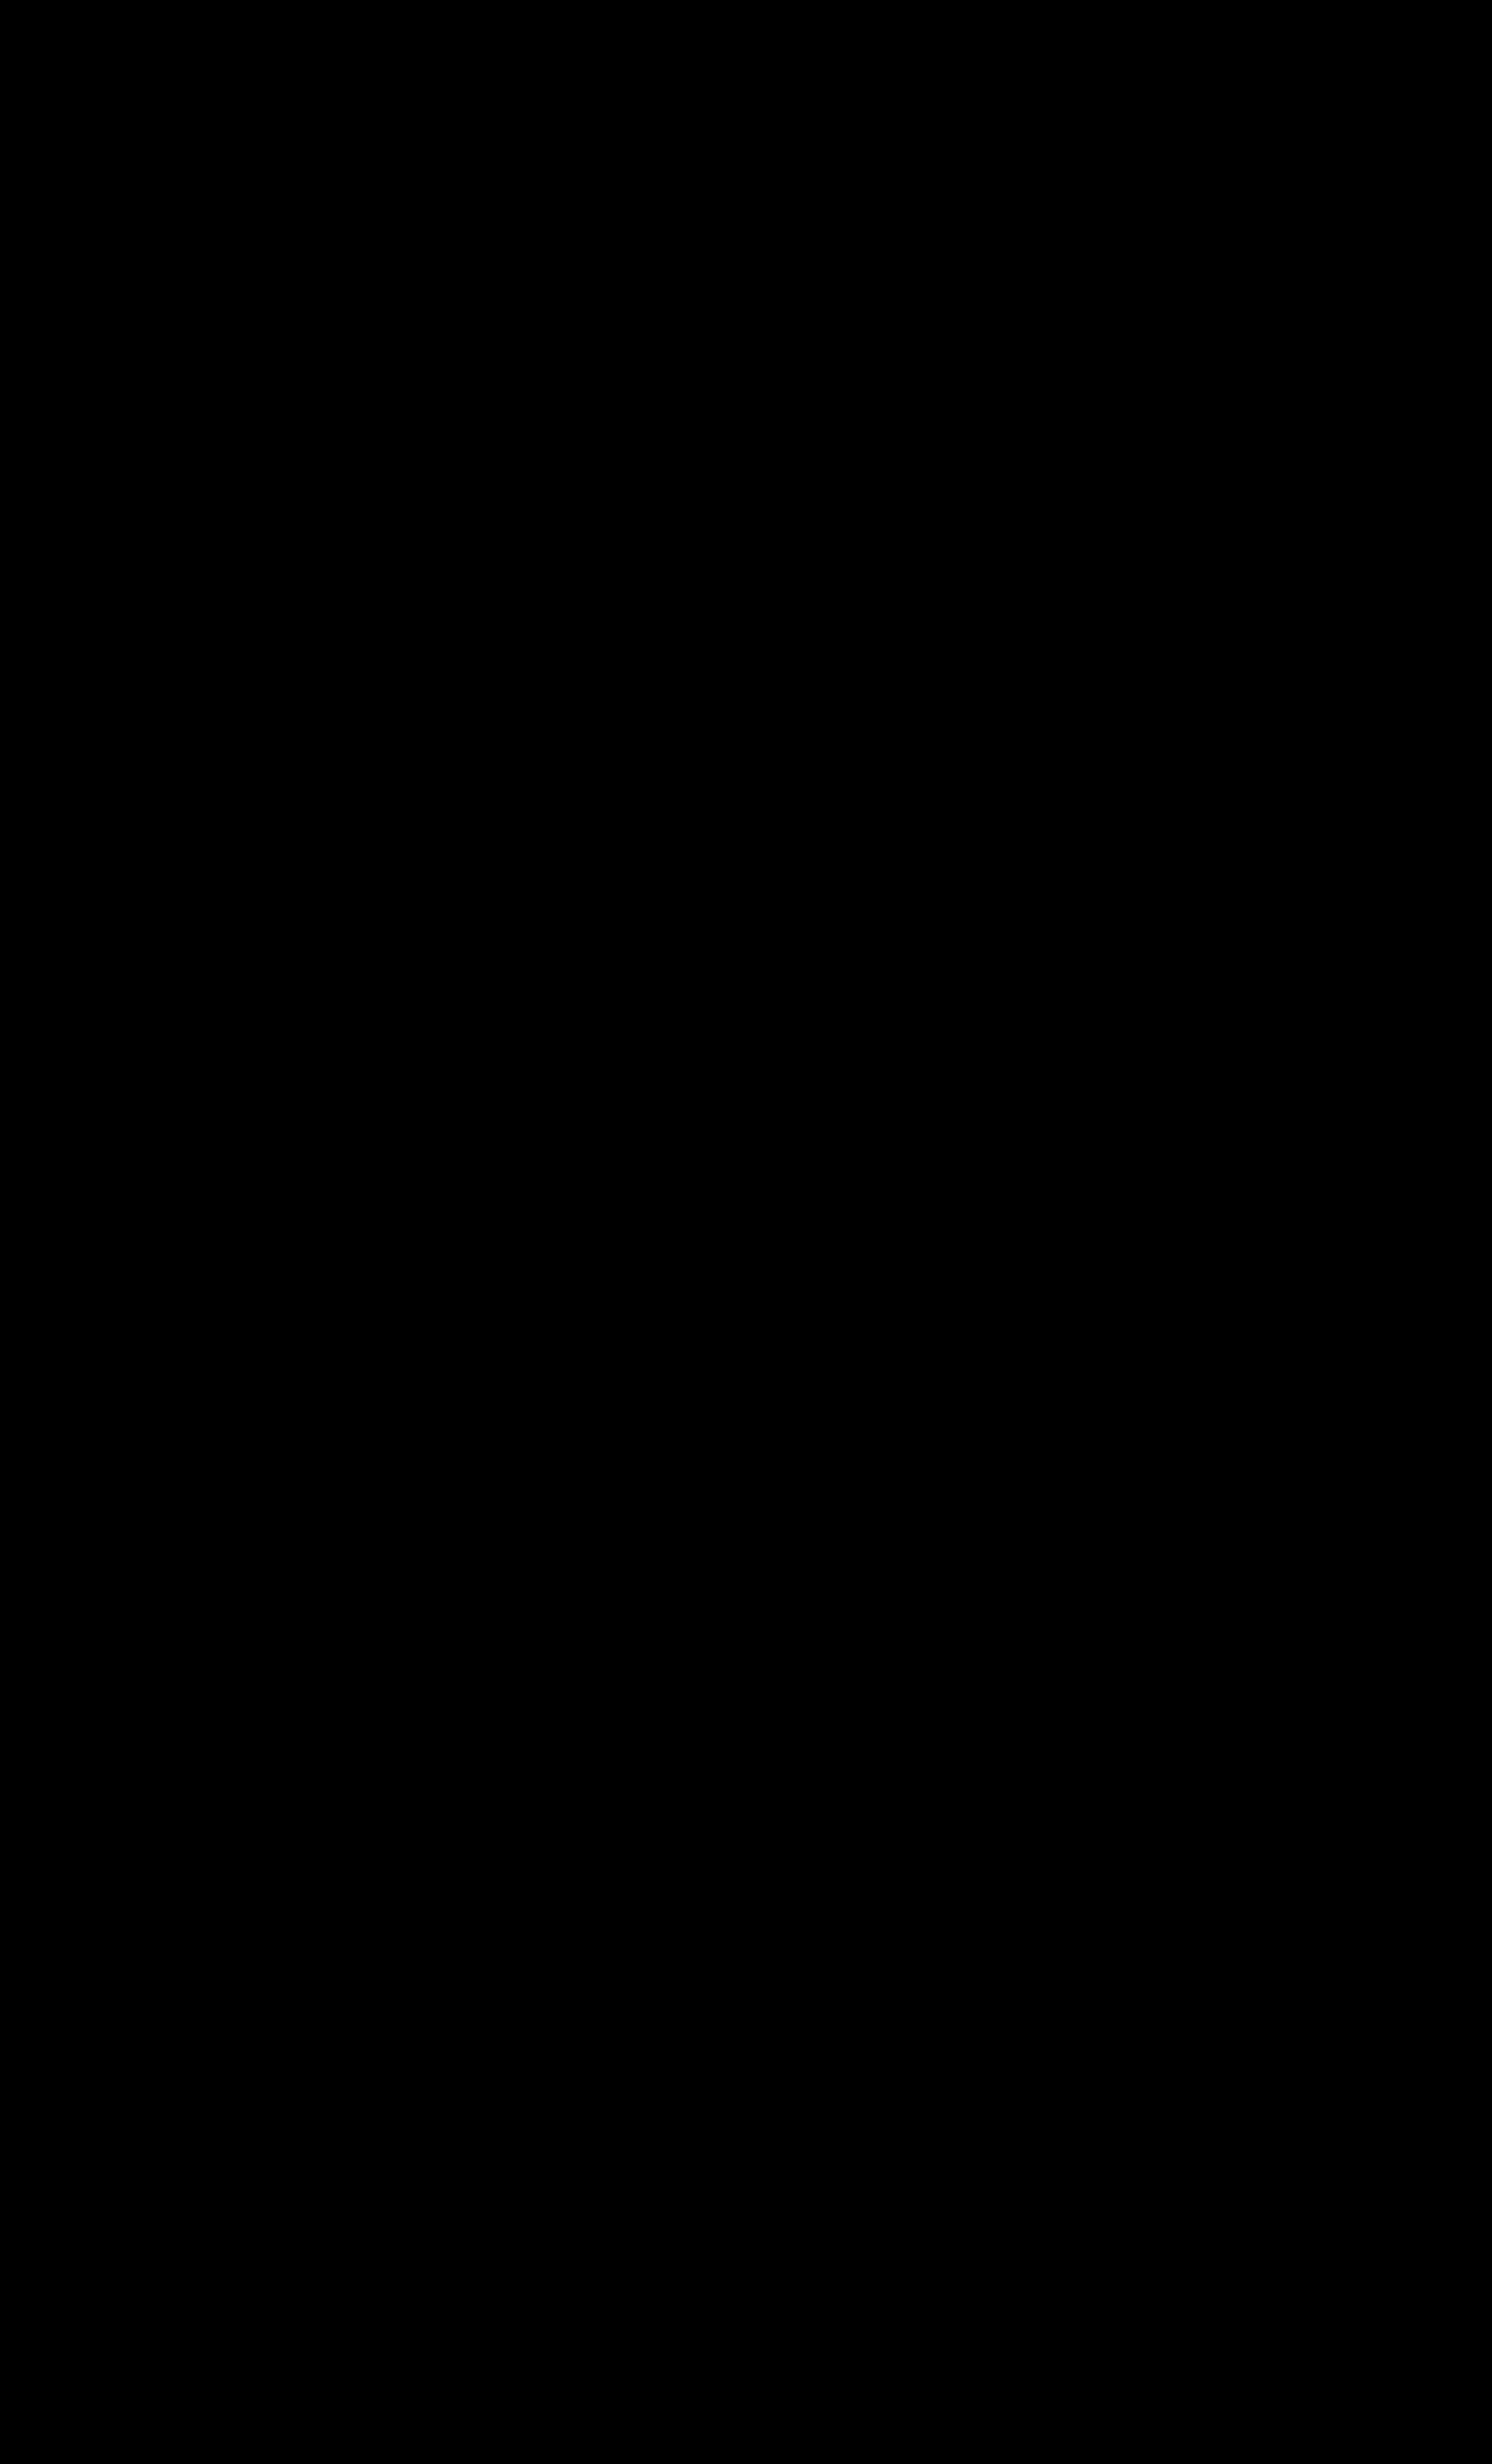 Beautyrest® Platinum Mattress Mattress, Furniture